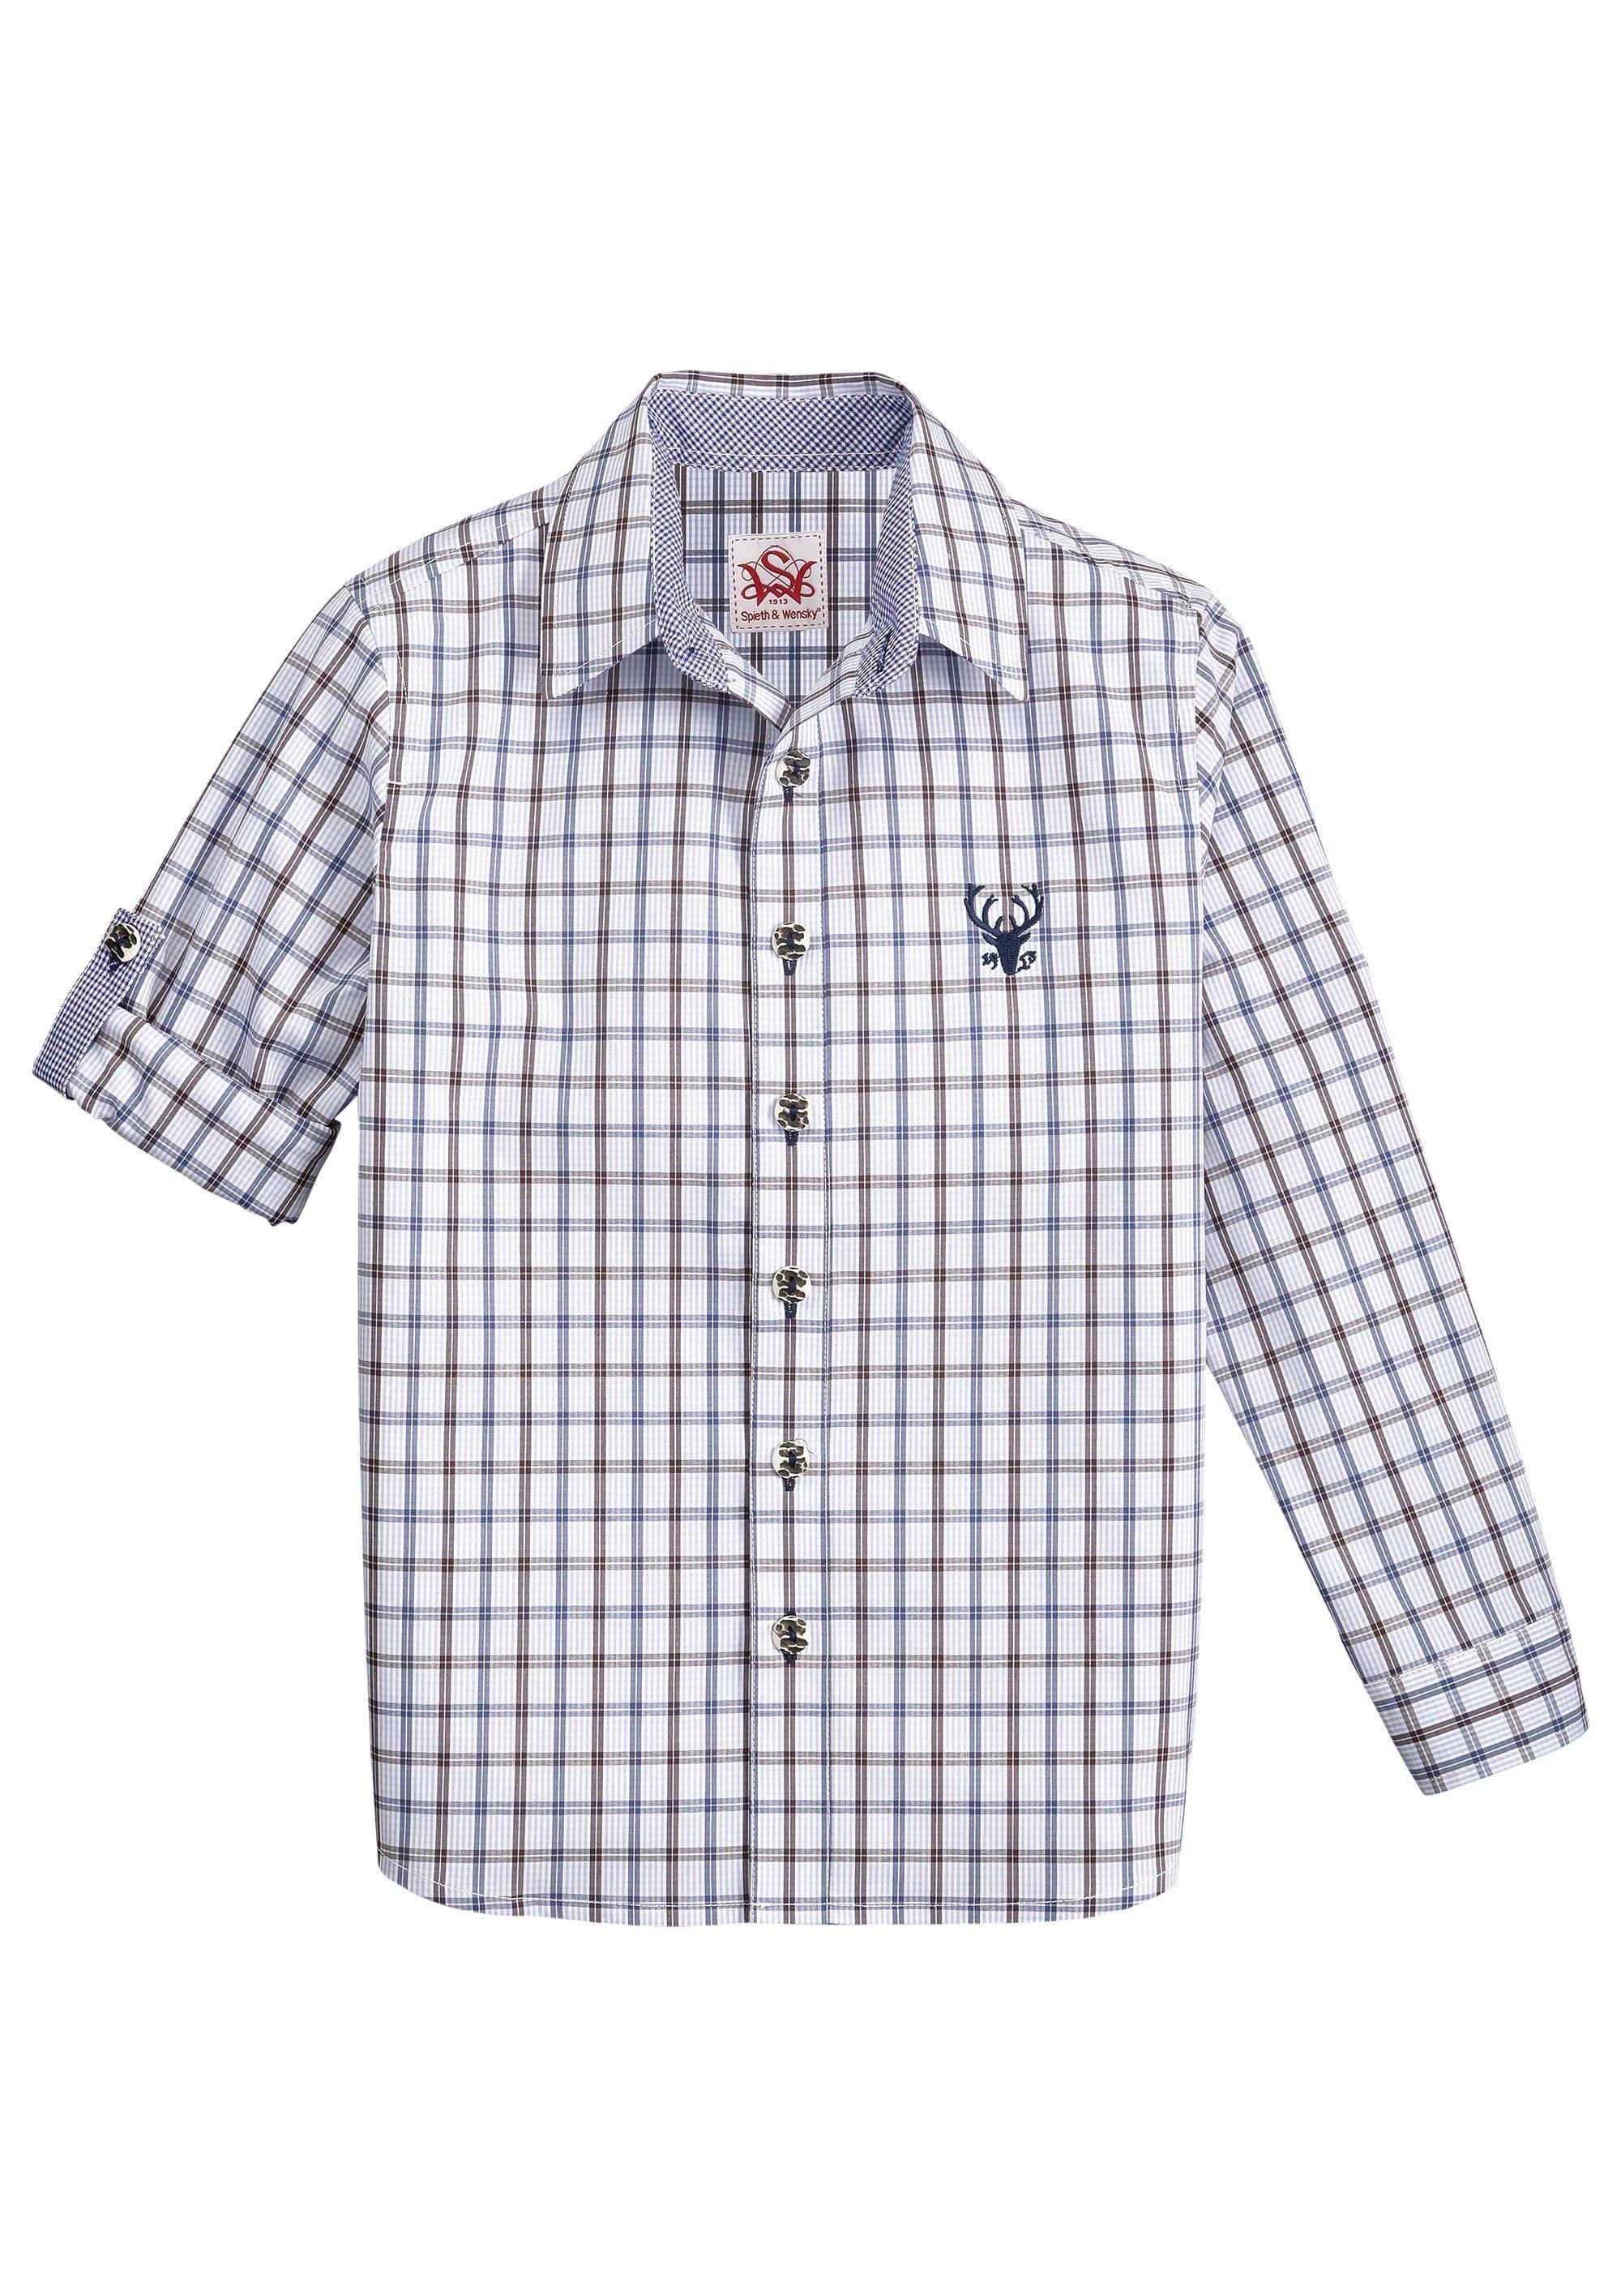 Herren,  Kinder Spieth & Wensky Trachtenhemd Kinder mit Hirschstickerei    04059829492004